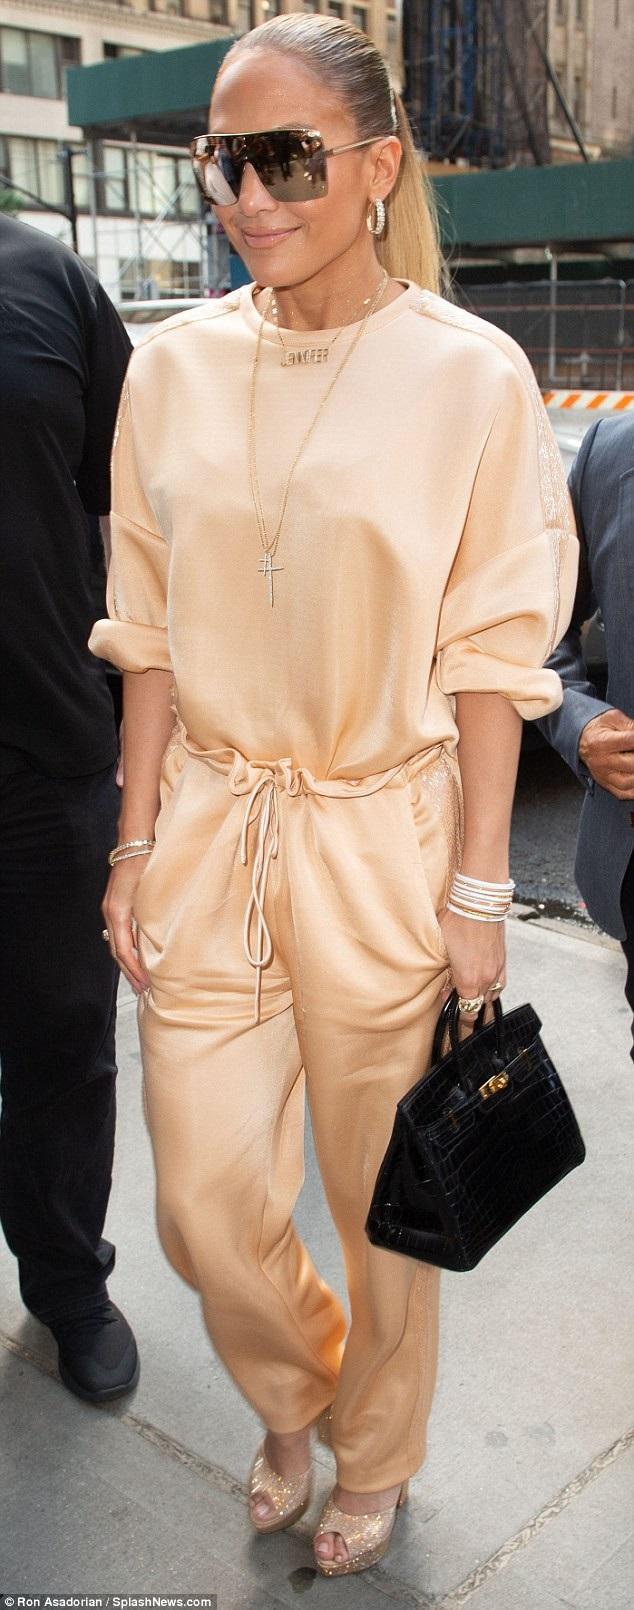 Kênh MTV vừa thông báo J.Lo sẽ nhận1 giải thưởng đặc biệt tại lễ trao giải MTV Video Music Awards diễn ra trong vài tuần tới